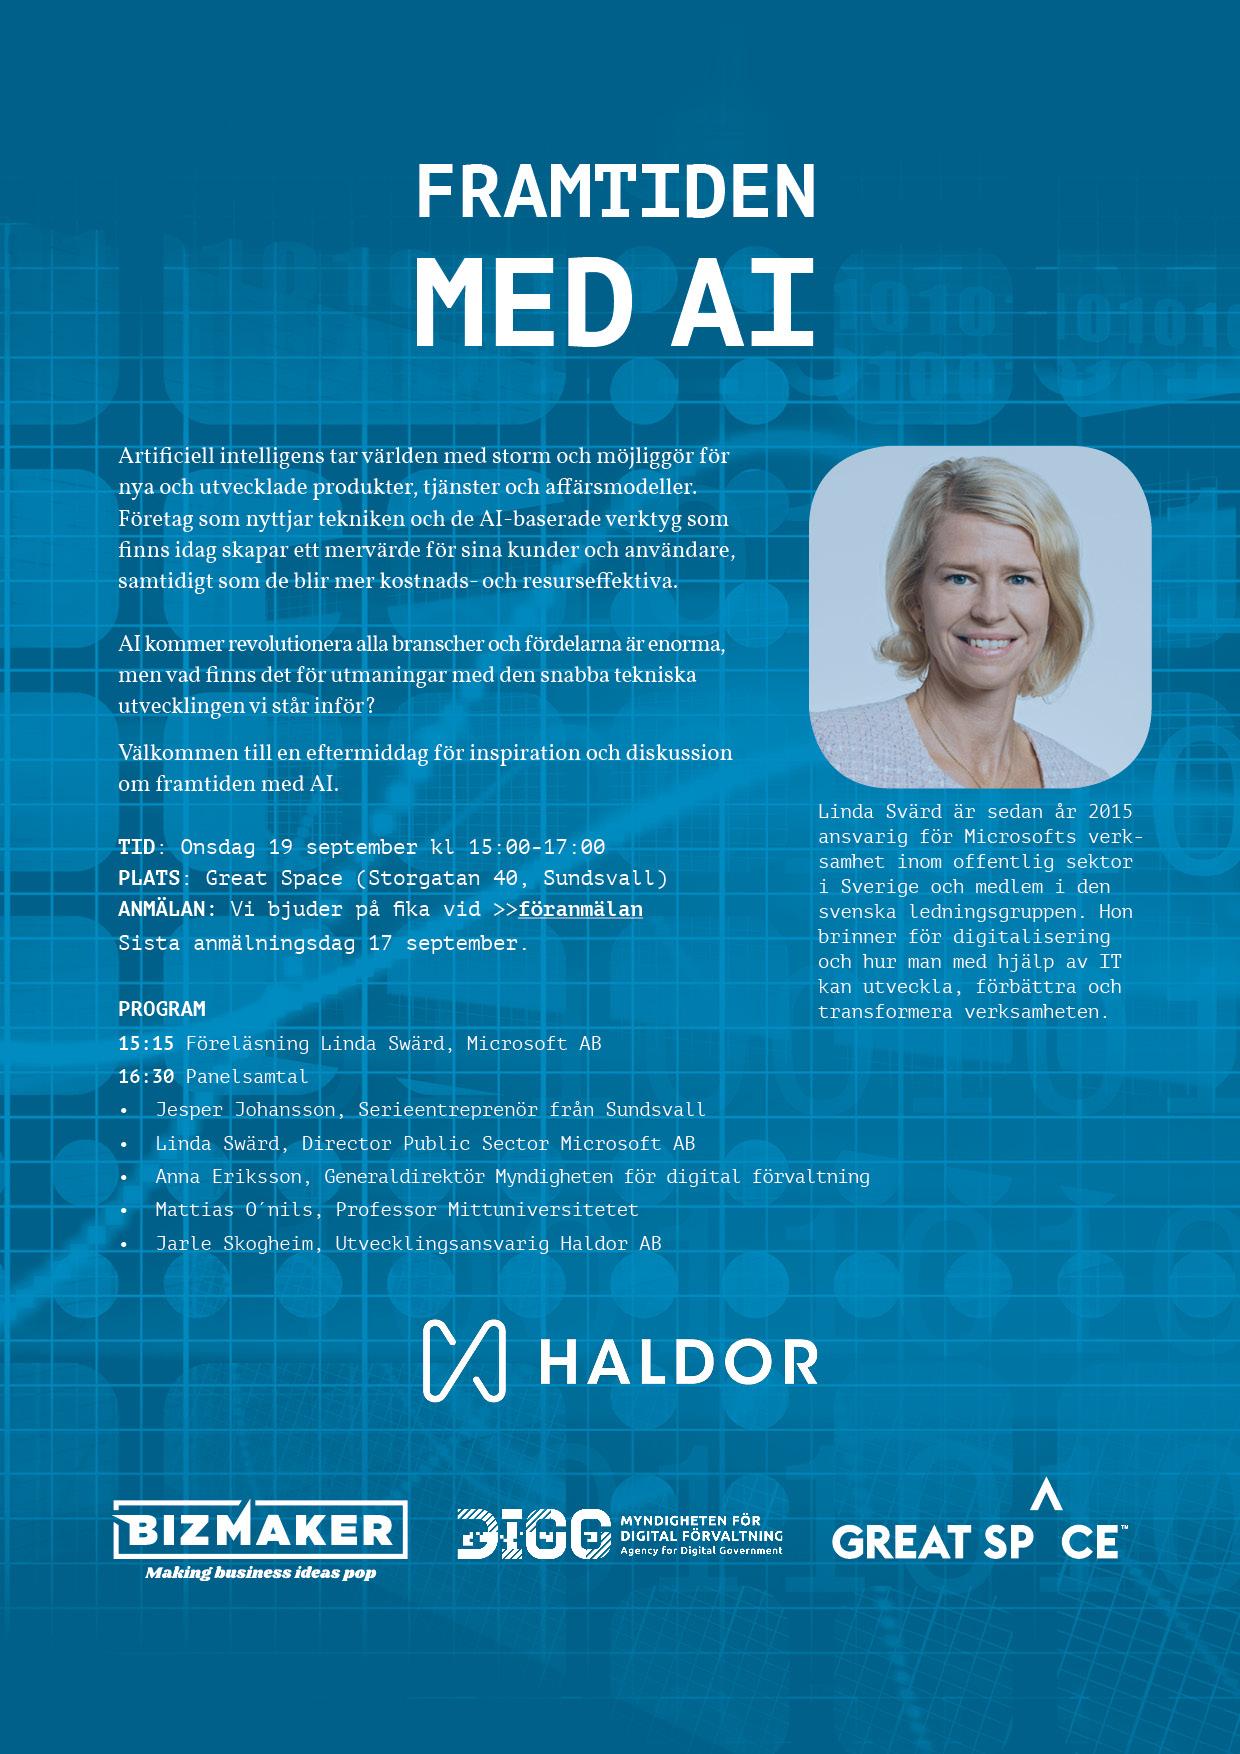 Framtiden Med AI